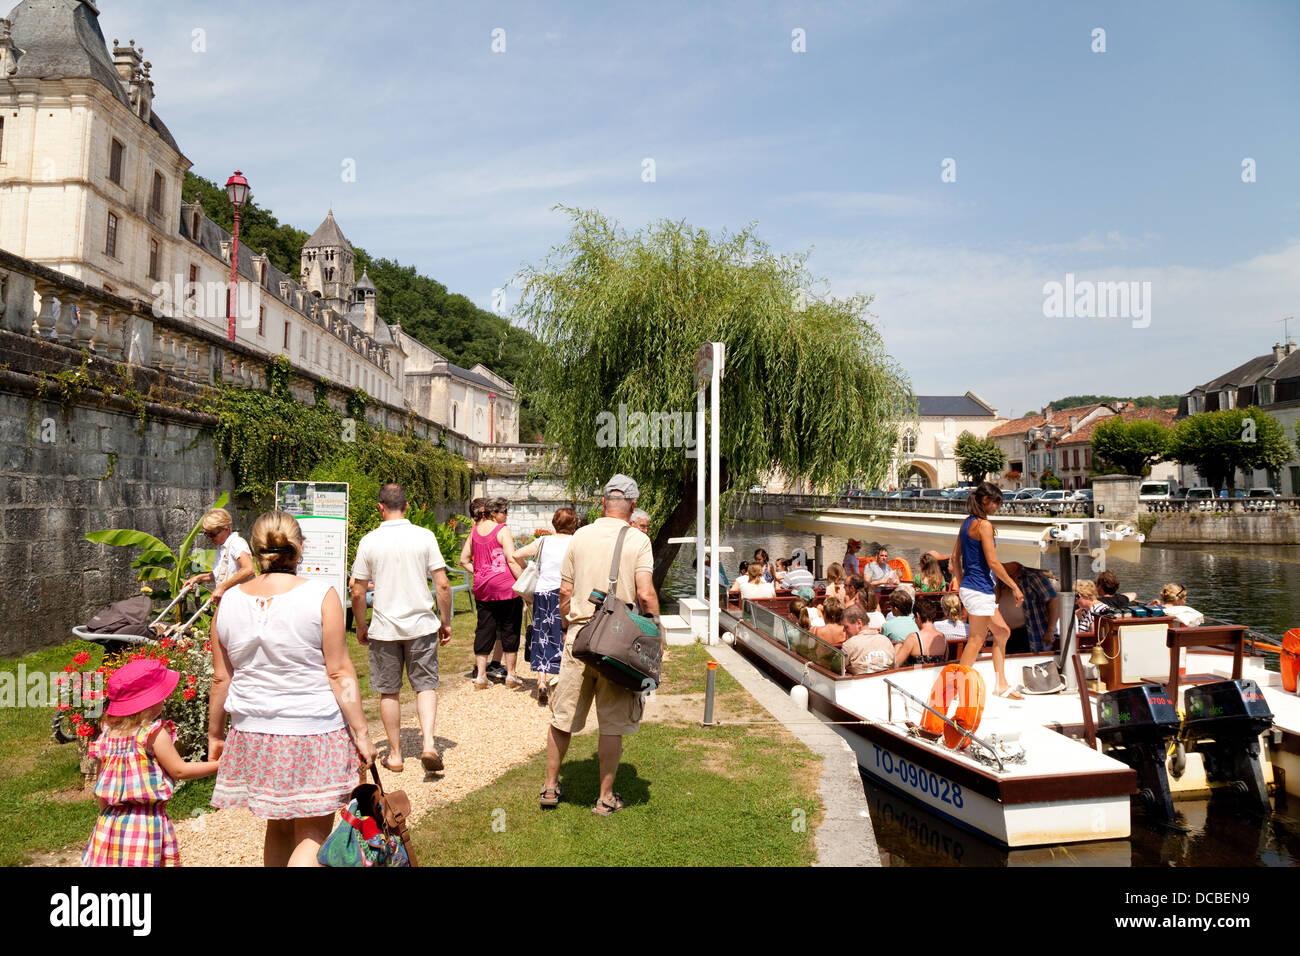 Los turistas guiados de embarcarse en un viaje en barco por el río Dronne por la abadía benedictina de Imagen De Stock